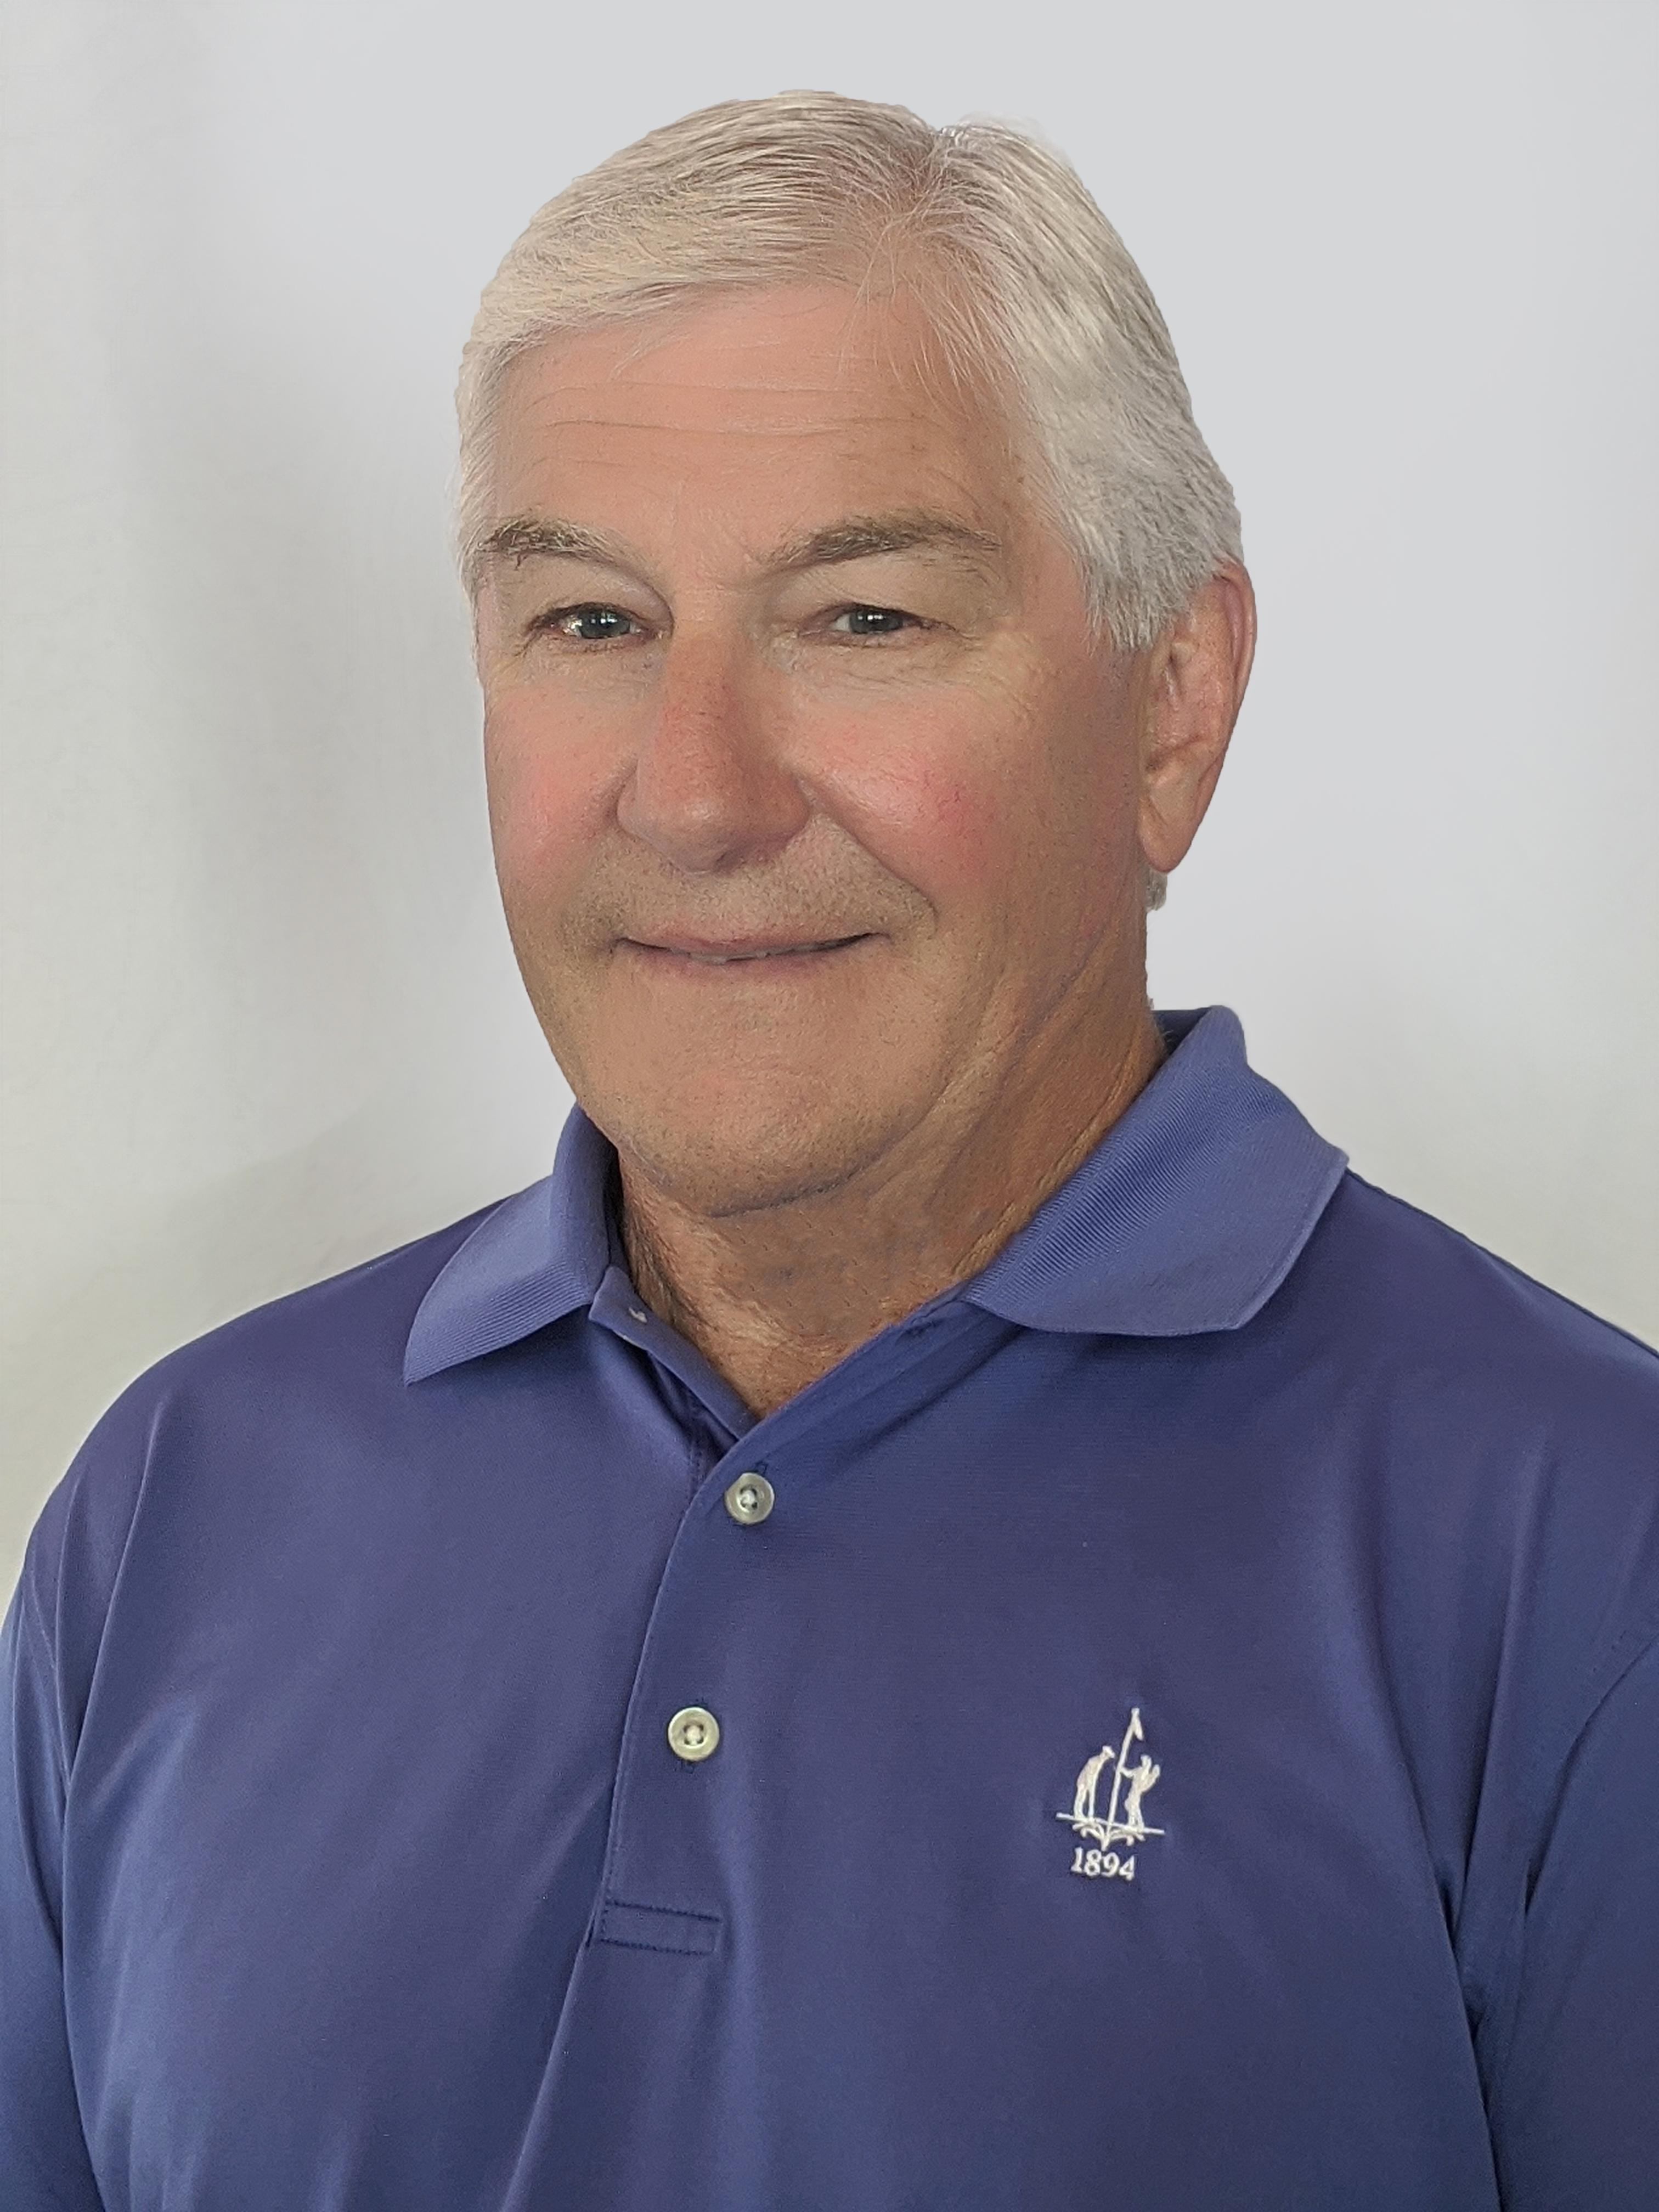 Michael K. Holden